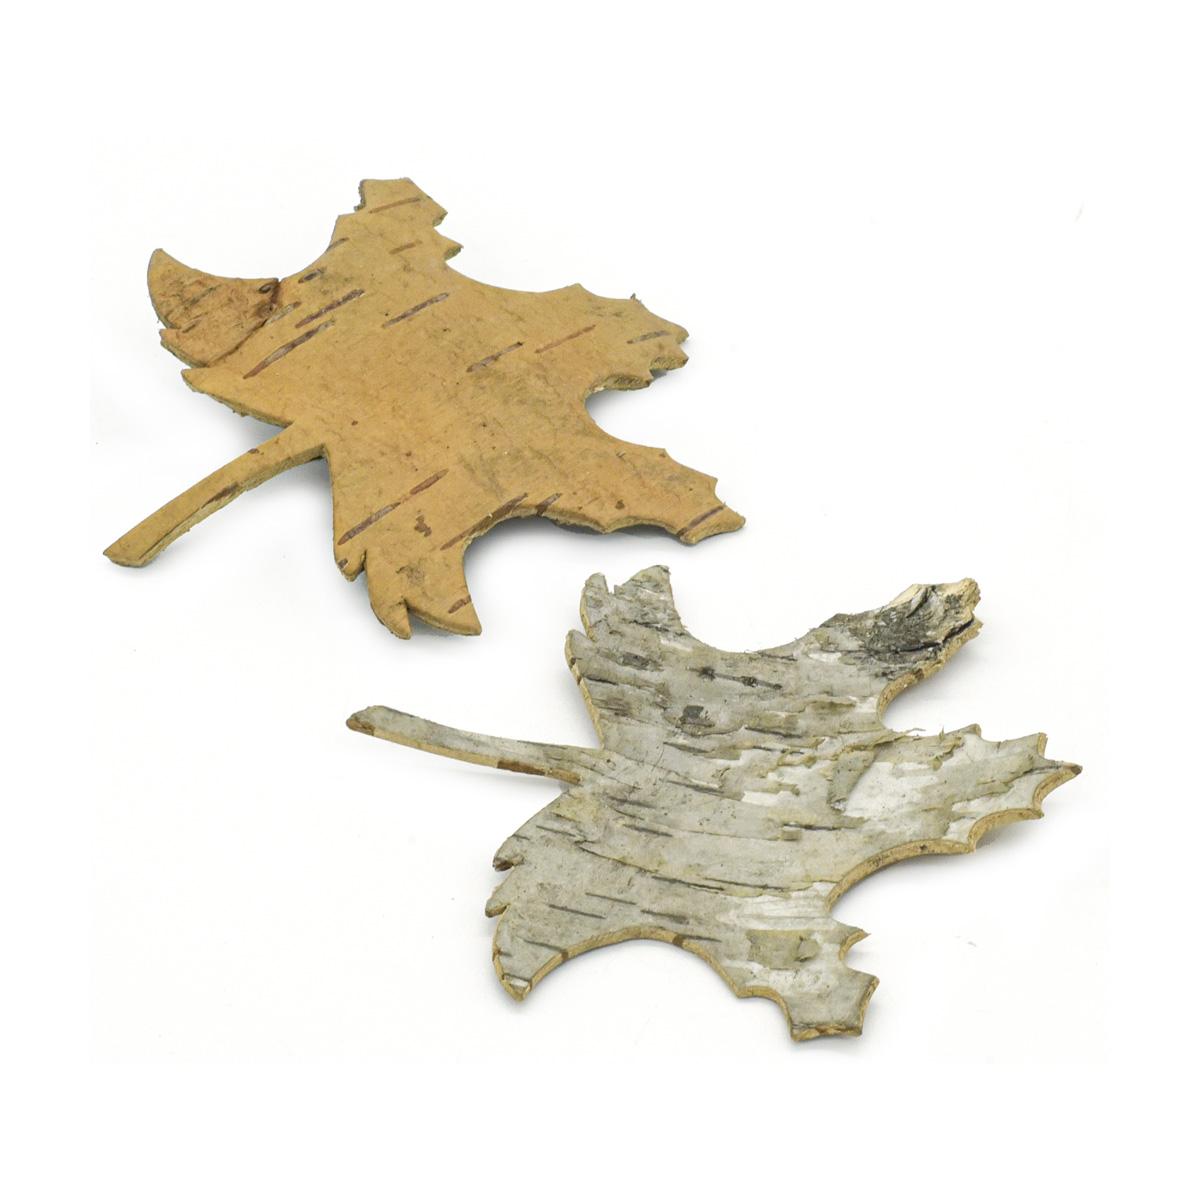 YW211 Декоративные элементы из коры дерева 'Кленовый лист', 8,5*10см, 6шт/уп